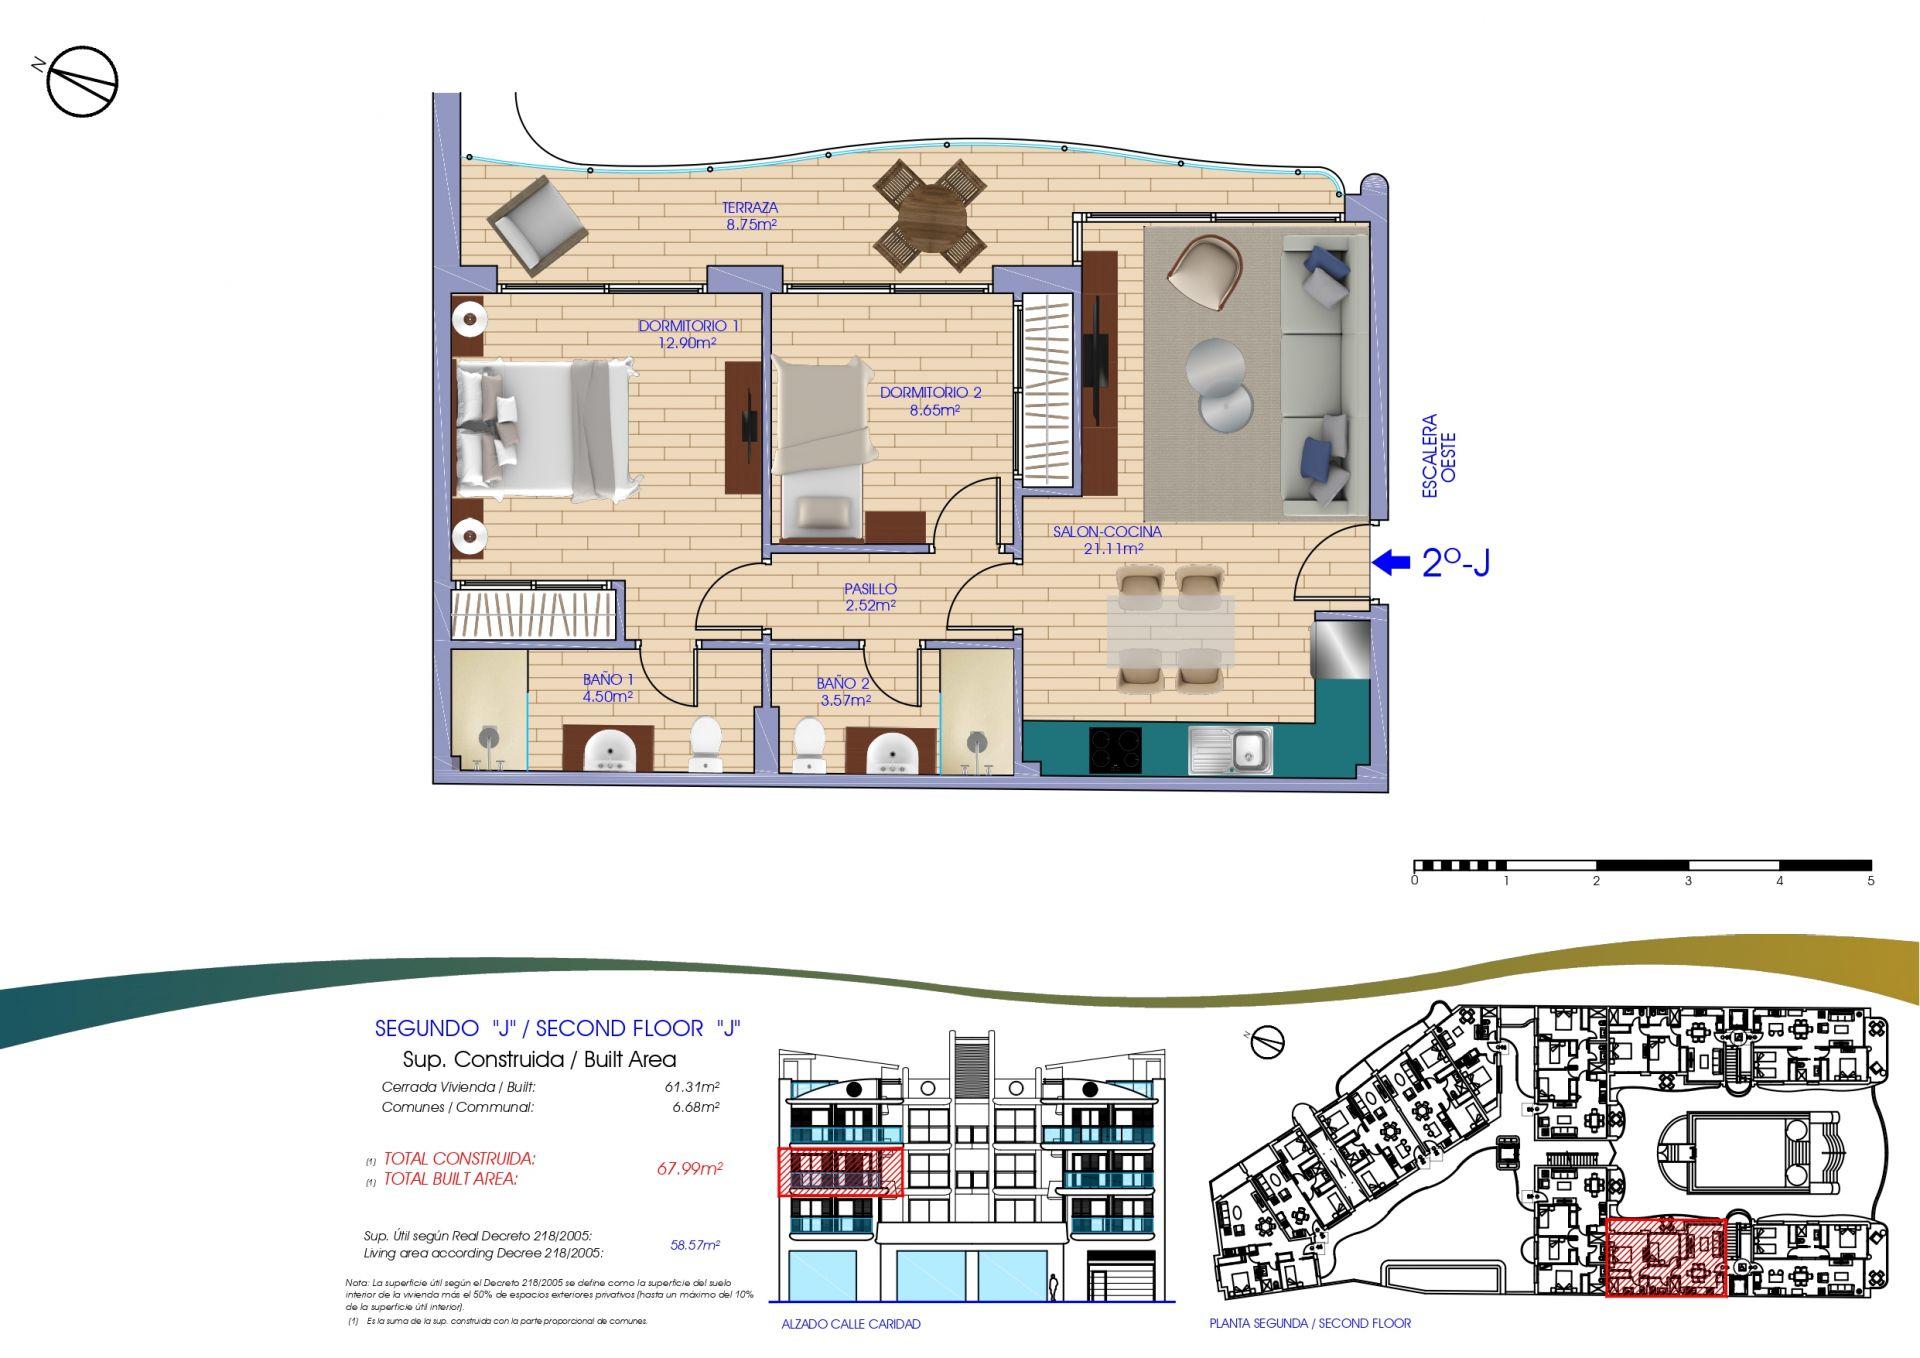 2j - Ventura Estepona | Compra de casa en Estepona